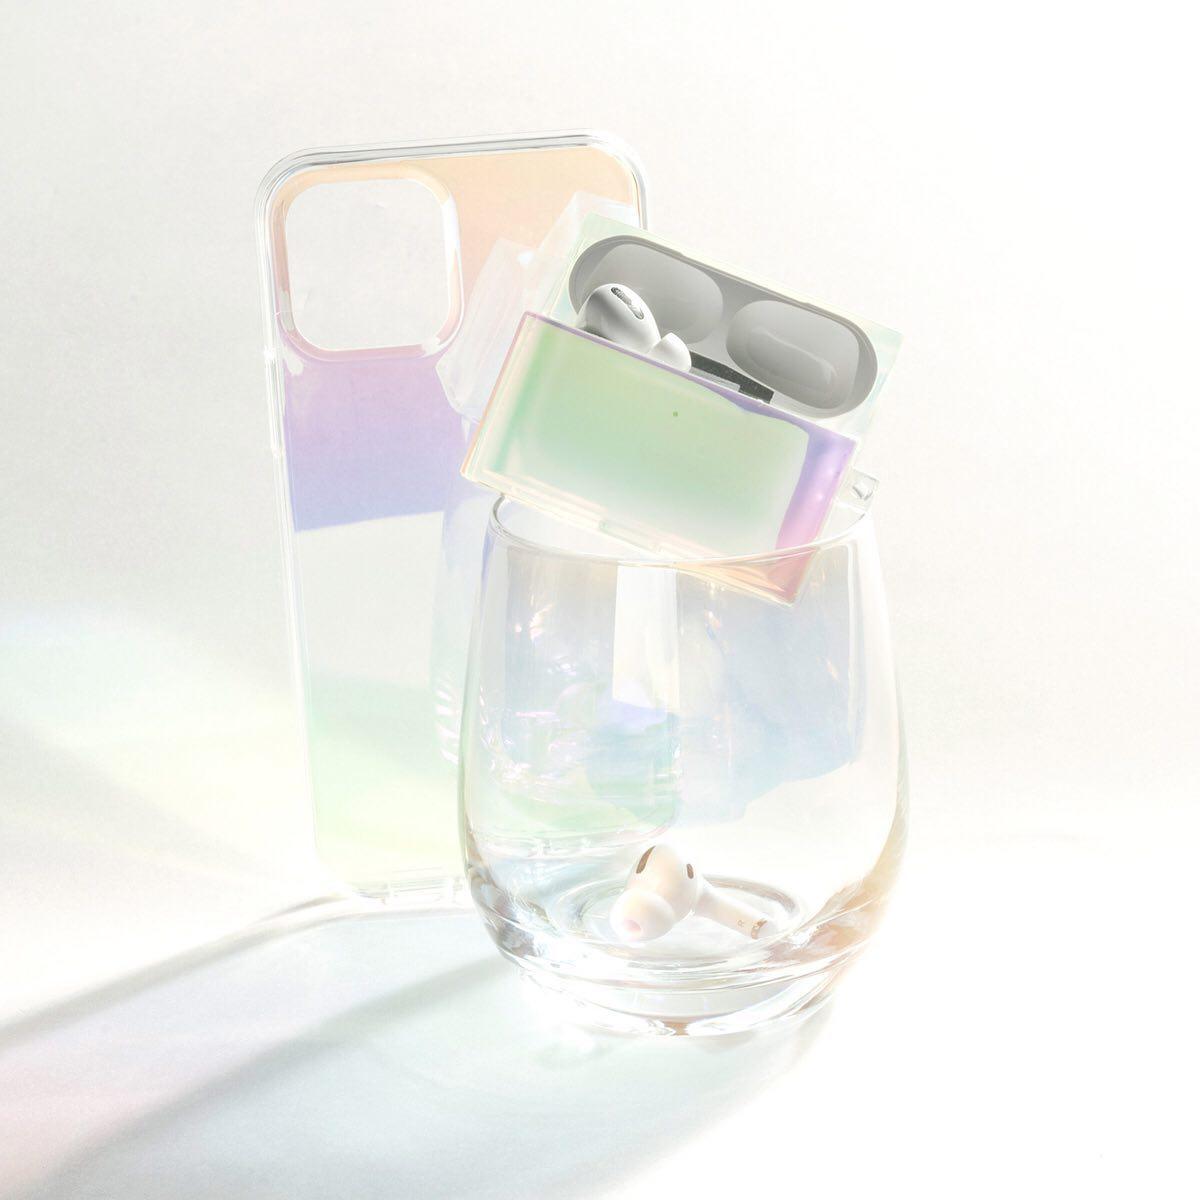 韓国 iPhoneケース キラキラ オーロラ ホログラム 偏光 人気 可愛い きらい トレンド おしゃれ